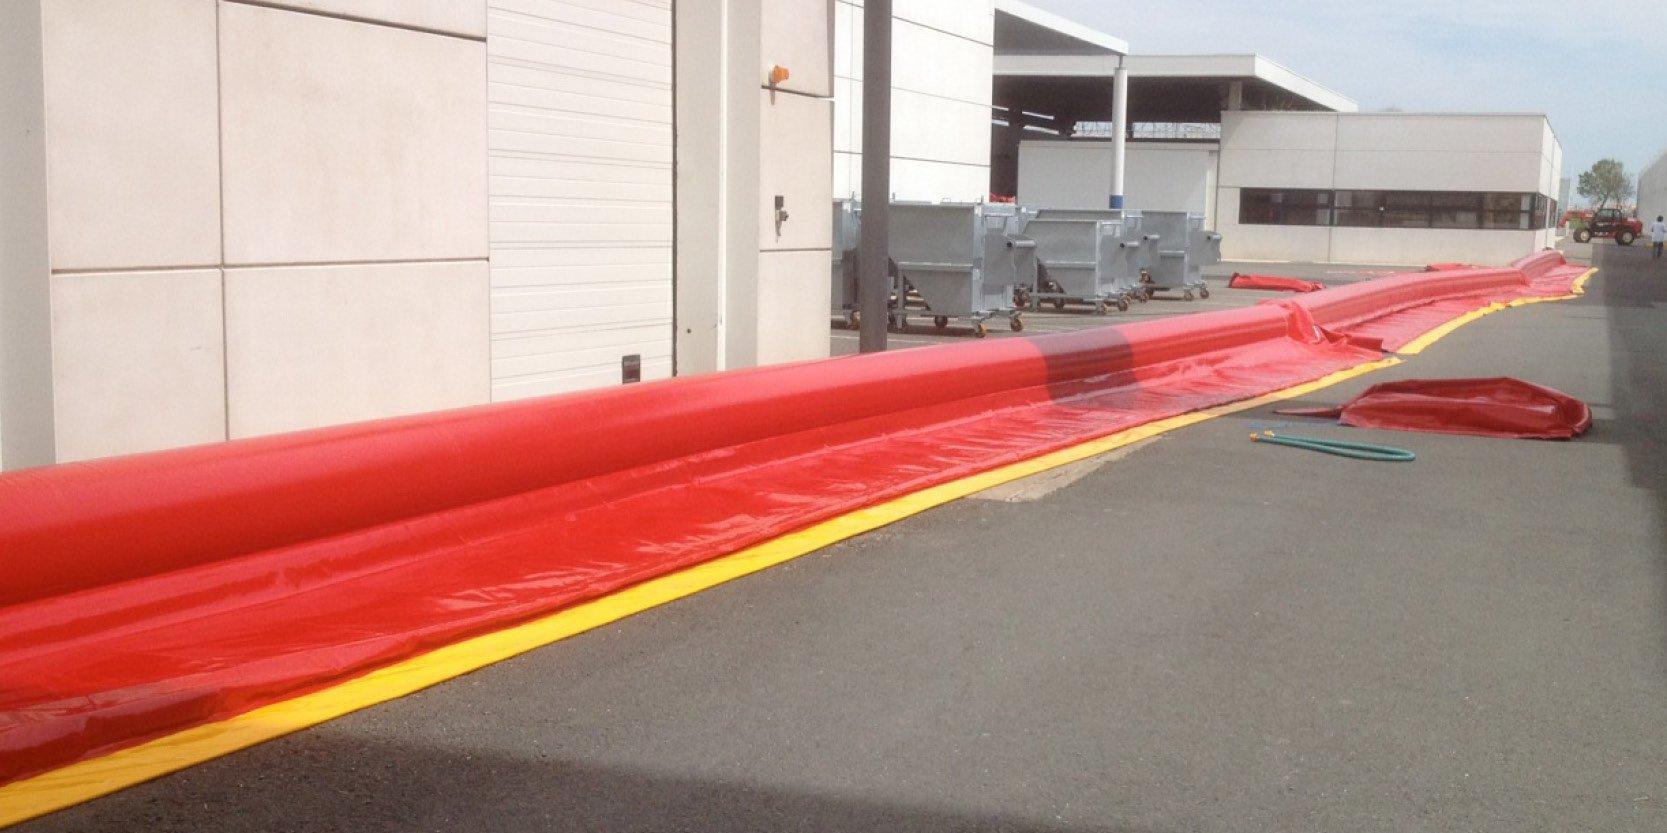 Barrières gonflable de protection anti inondation